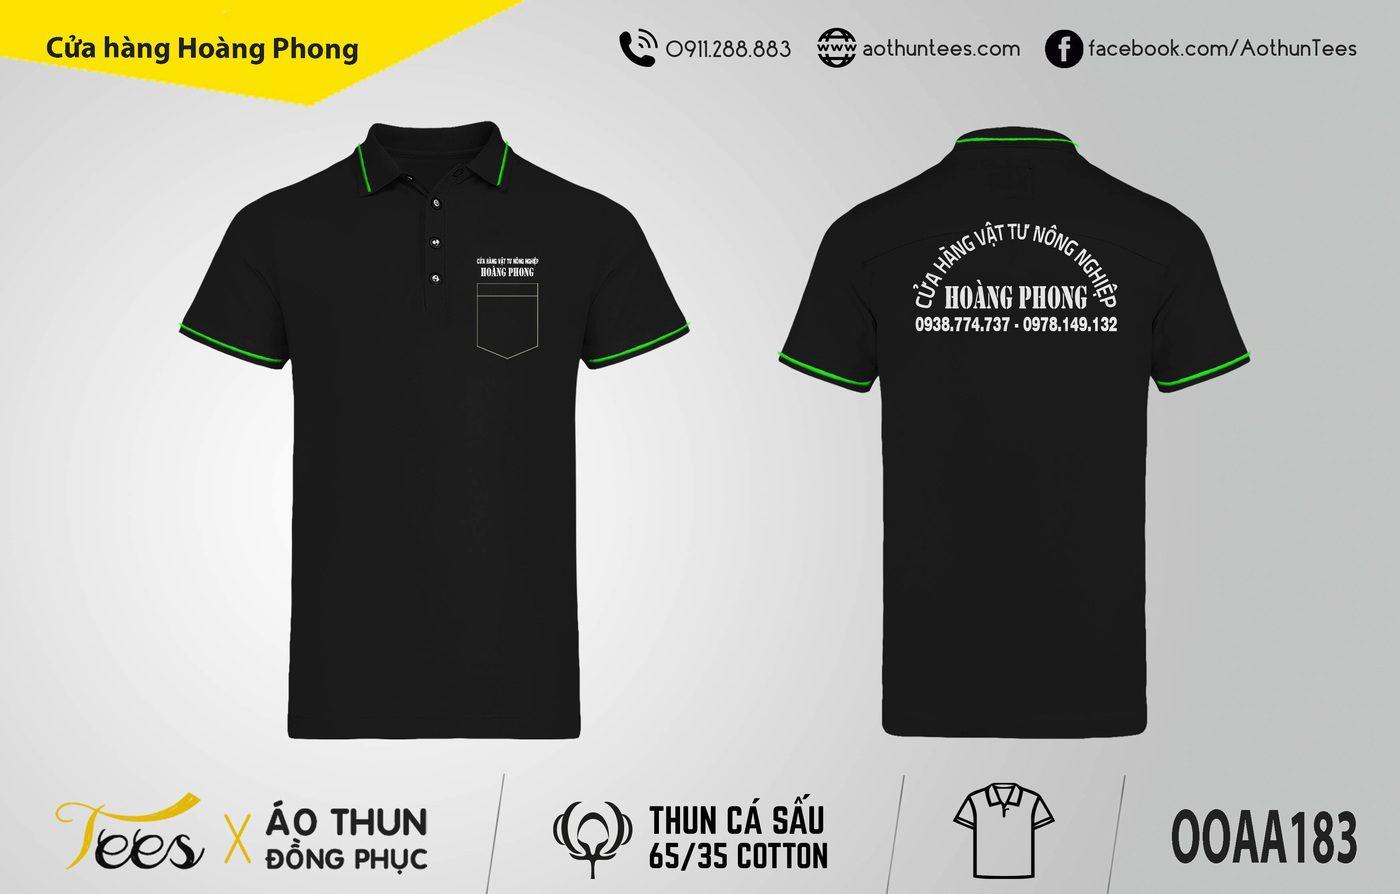 152. Cua hang vat tu nong nghiep Hoang Phong - Áo thun đồng phục Cửa hàng Hoàng Phong